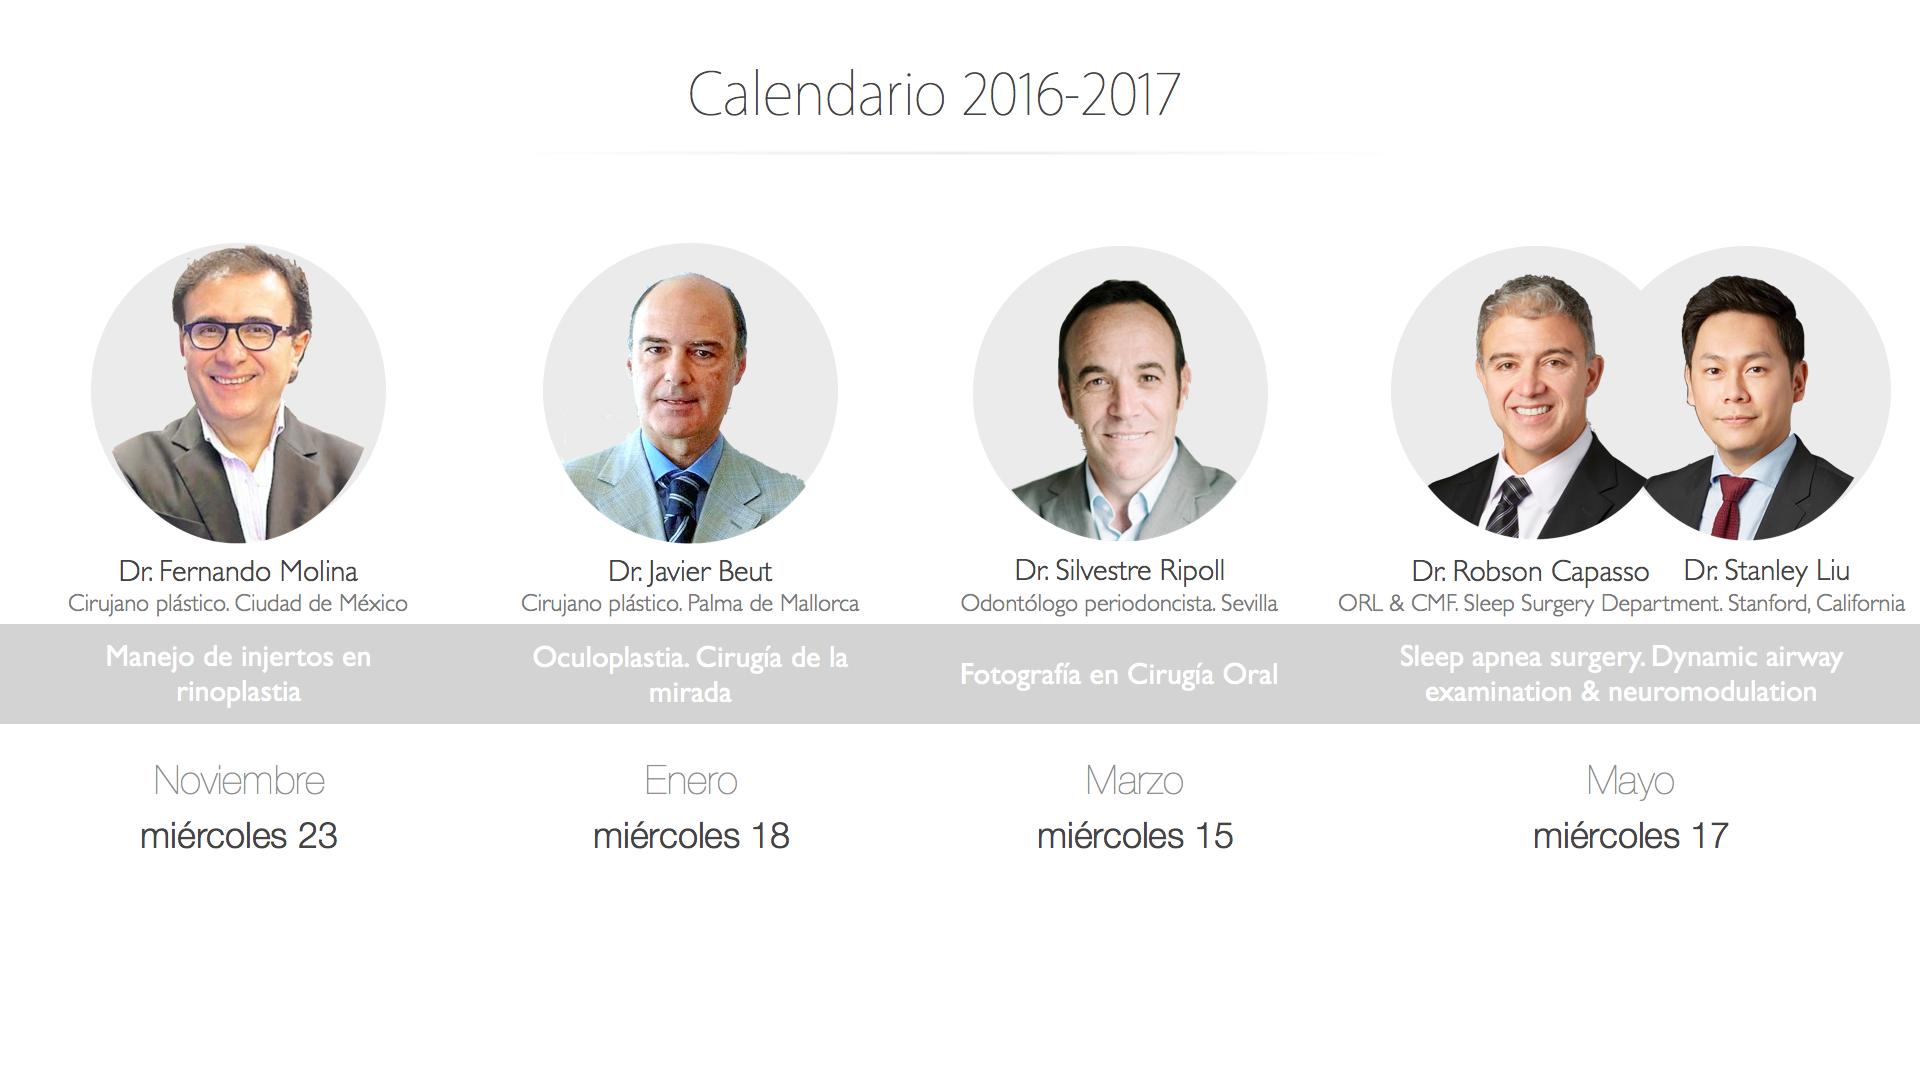 Portada y calendario webinars 2016-2017.002